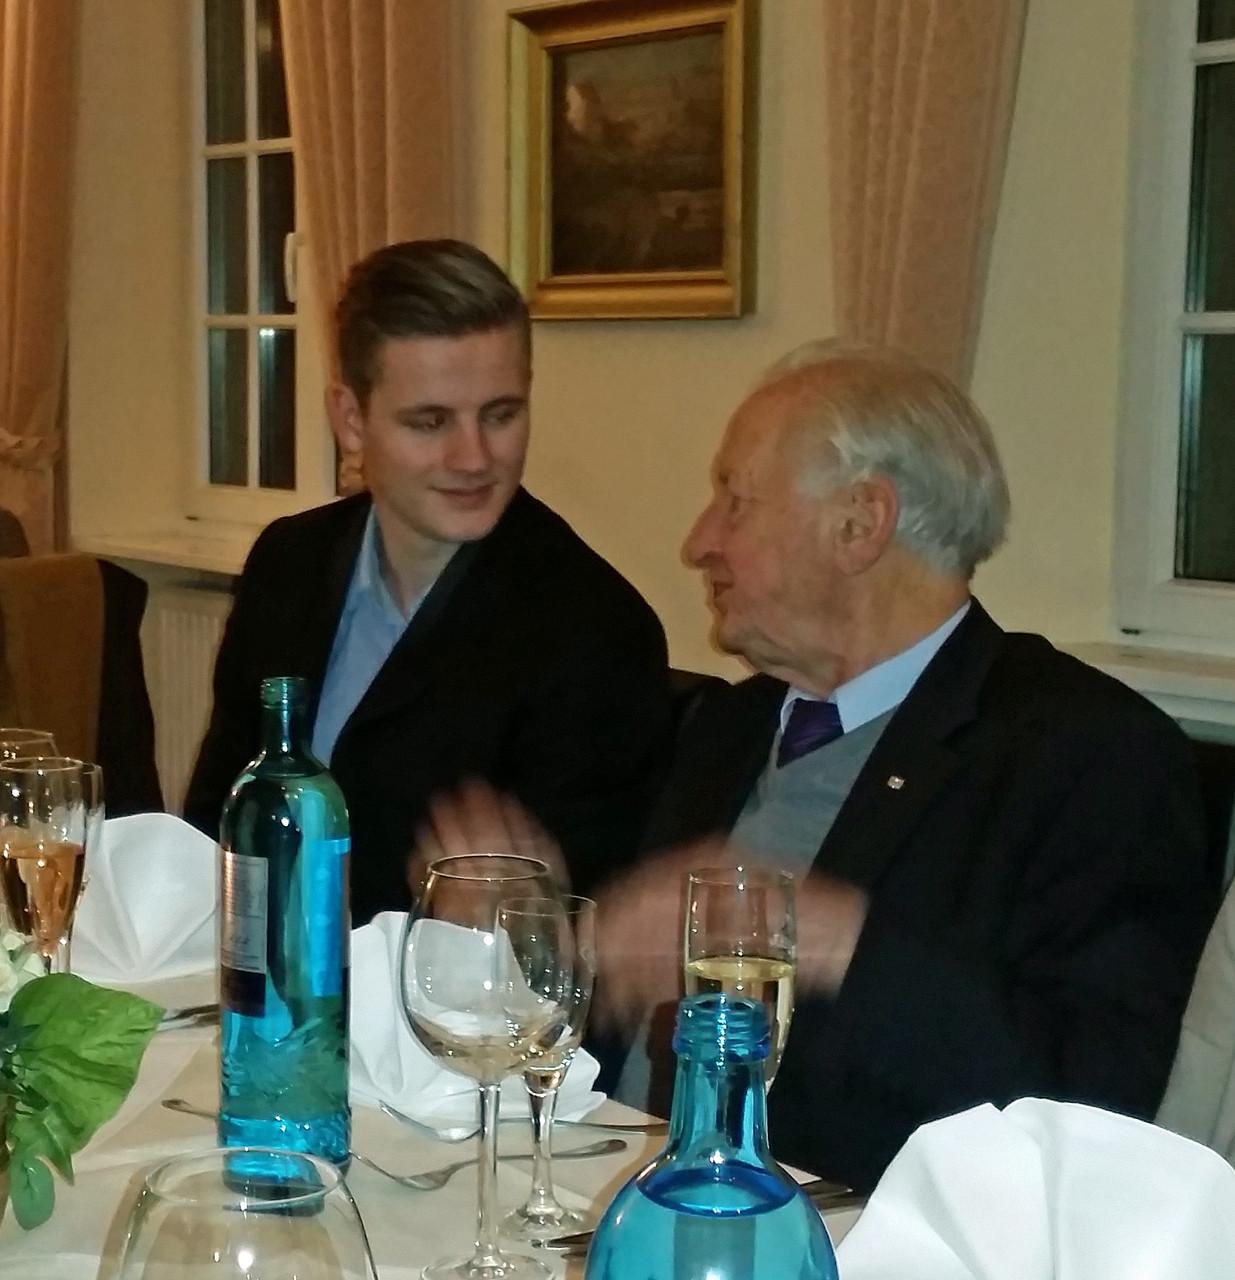 Der FDP-Ehrenvorsitzende Prof. Dr. Karl-Hans Laermann im Gespräch mit Klemens Zirngibl von der Rheinischen Post